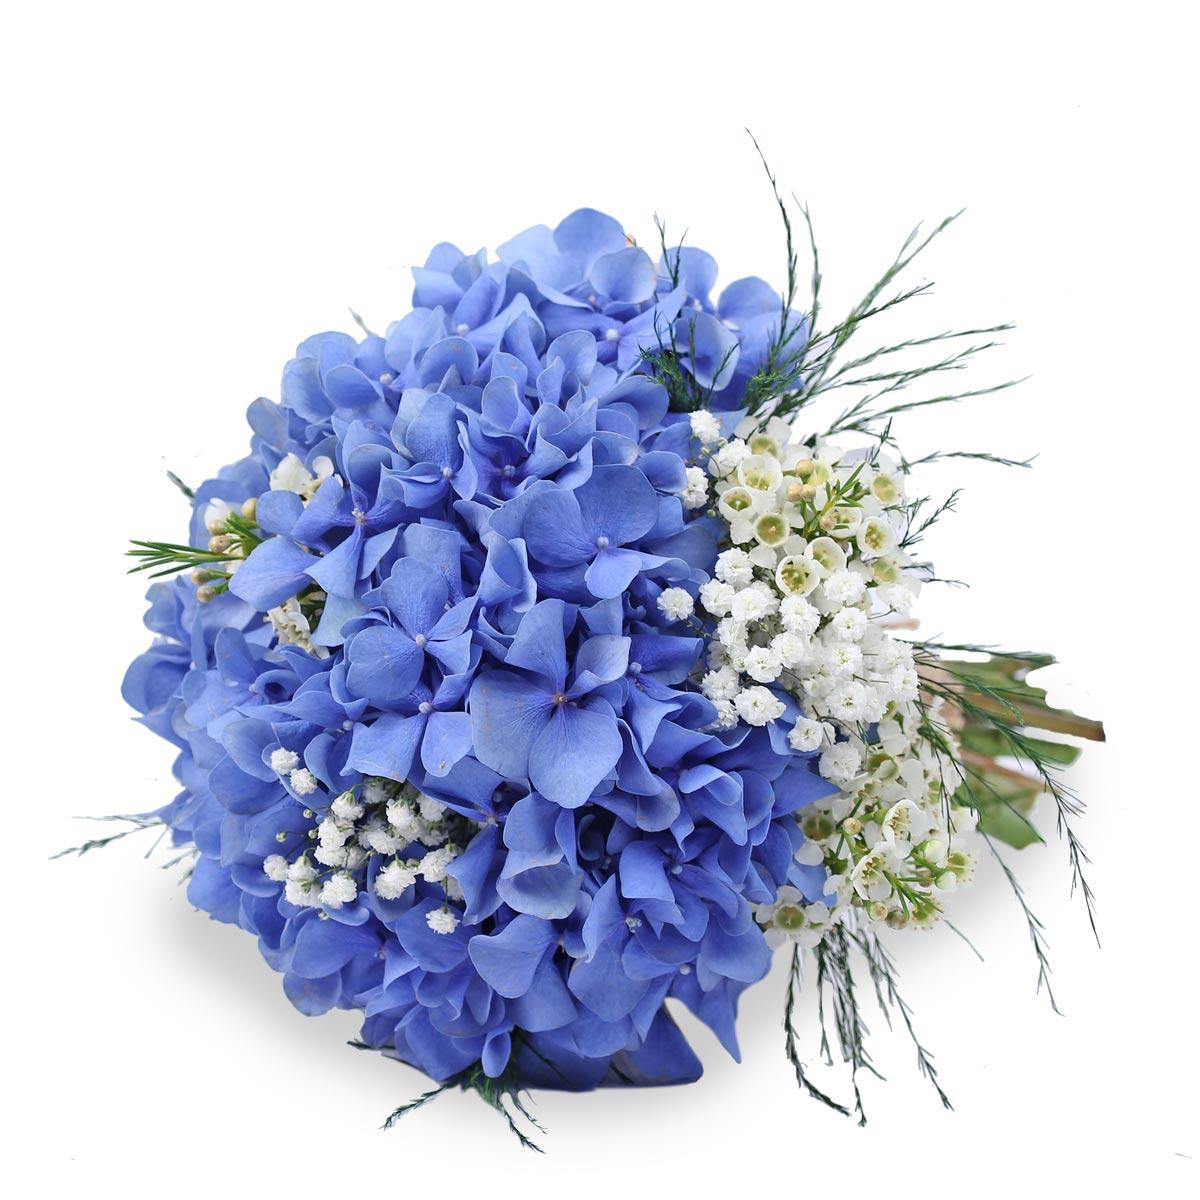 WB1627 Hydrangea bridal Bouquet